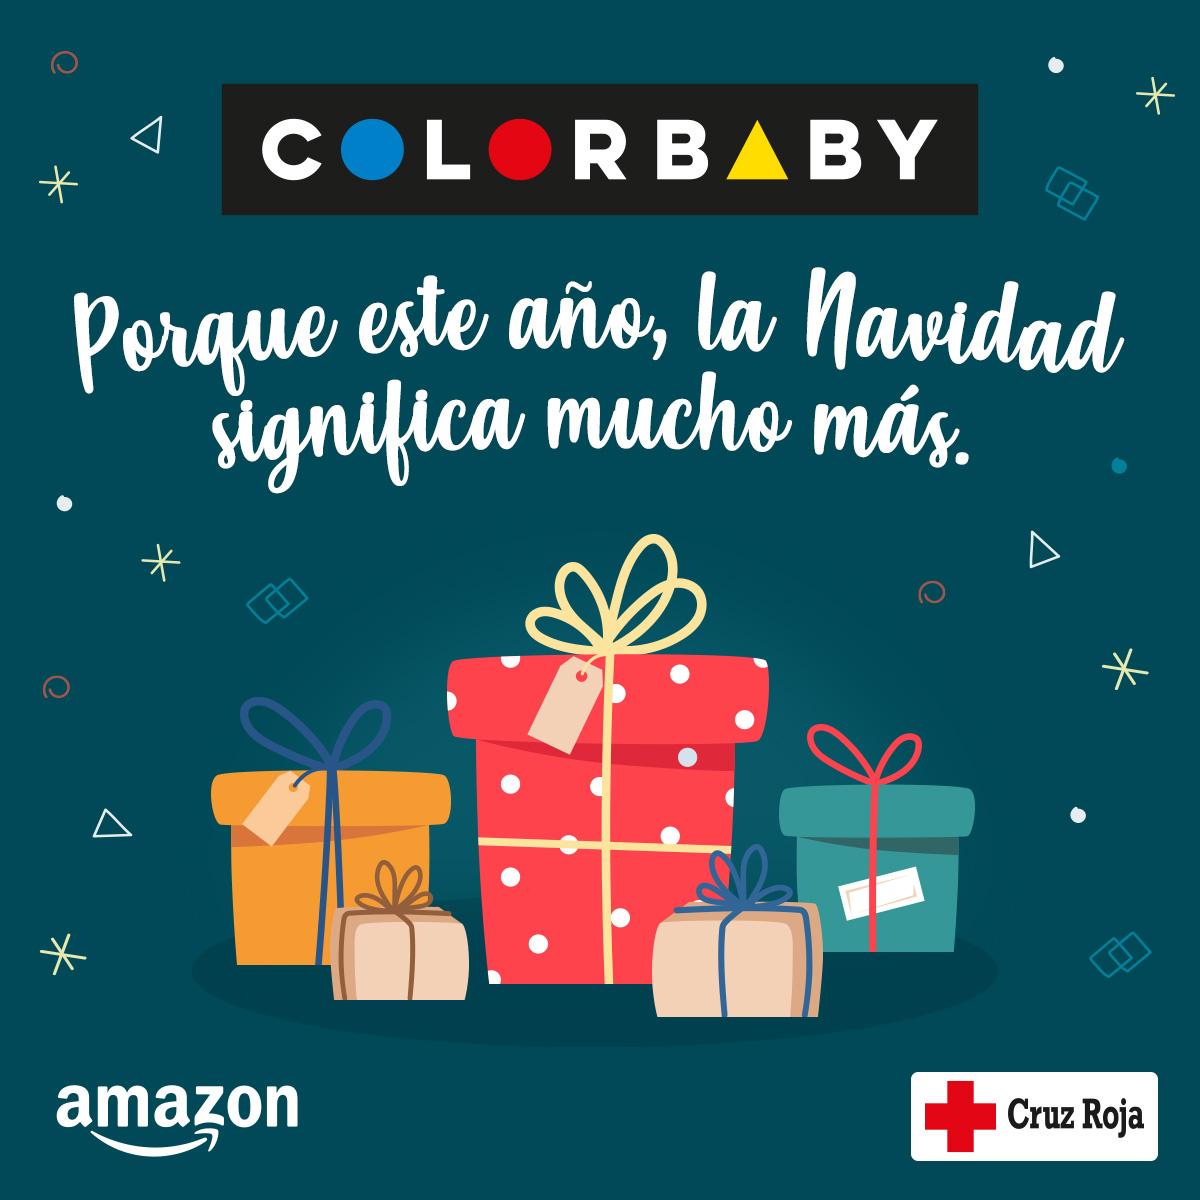 COLORBABY colabora con Cruz Roja para mantener la ilusión en Navidad